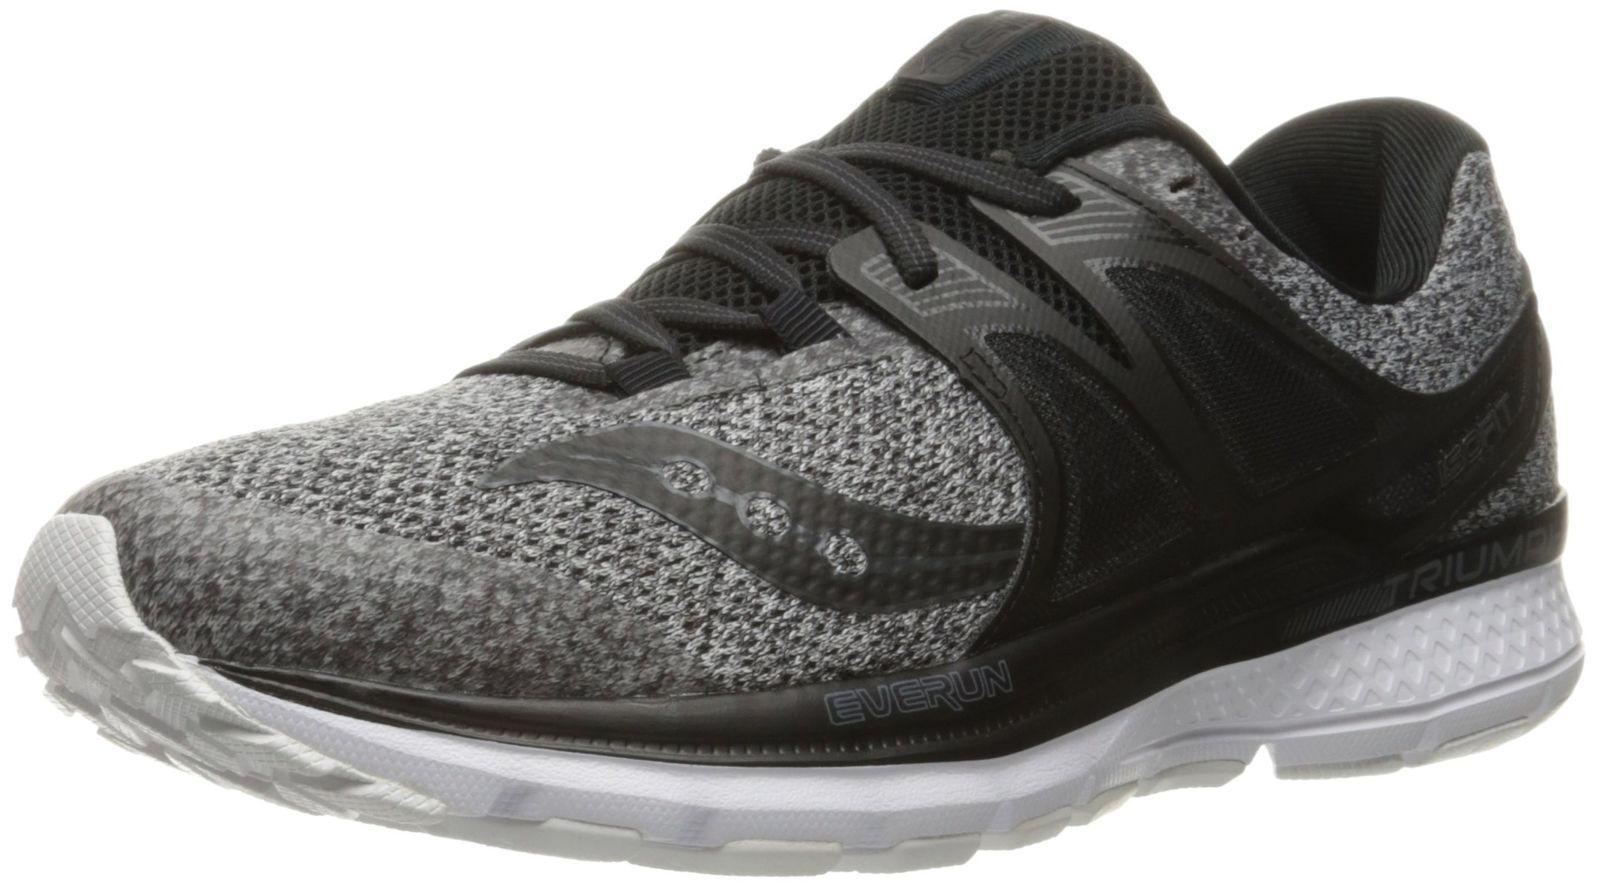 Saucony US Men's Triumph Iso 3 LR Running Shoe, Gray/Black US Saucony Size 11M 4e8d85